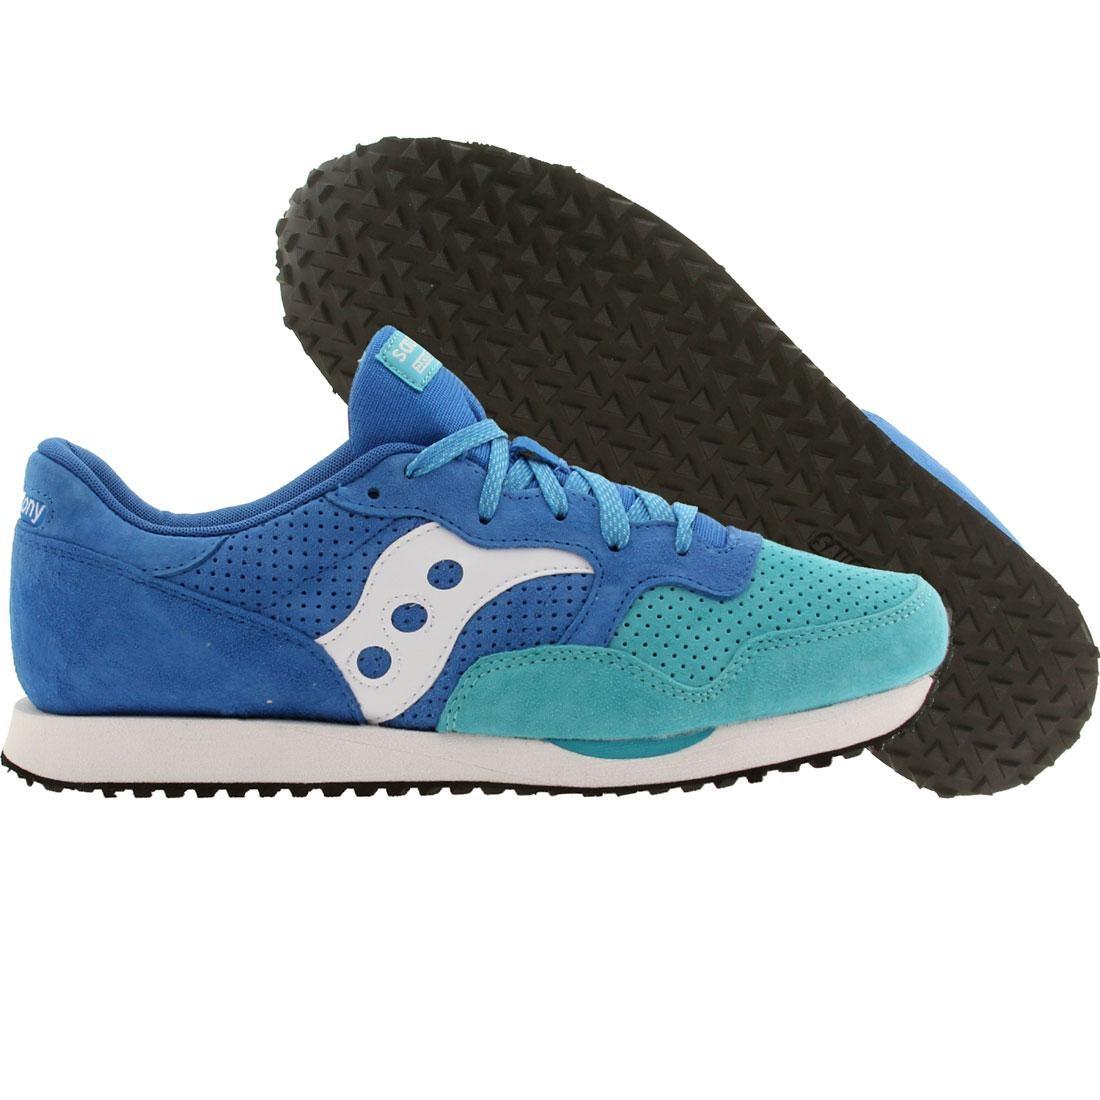 【海外限定】サッカニー トレーナー 靴 スニーカー 【 SAUCONY MEN DXN TRAINER BERMUDA PACK BLUE GREEN 】